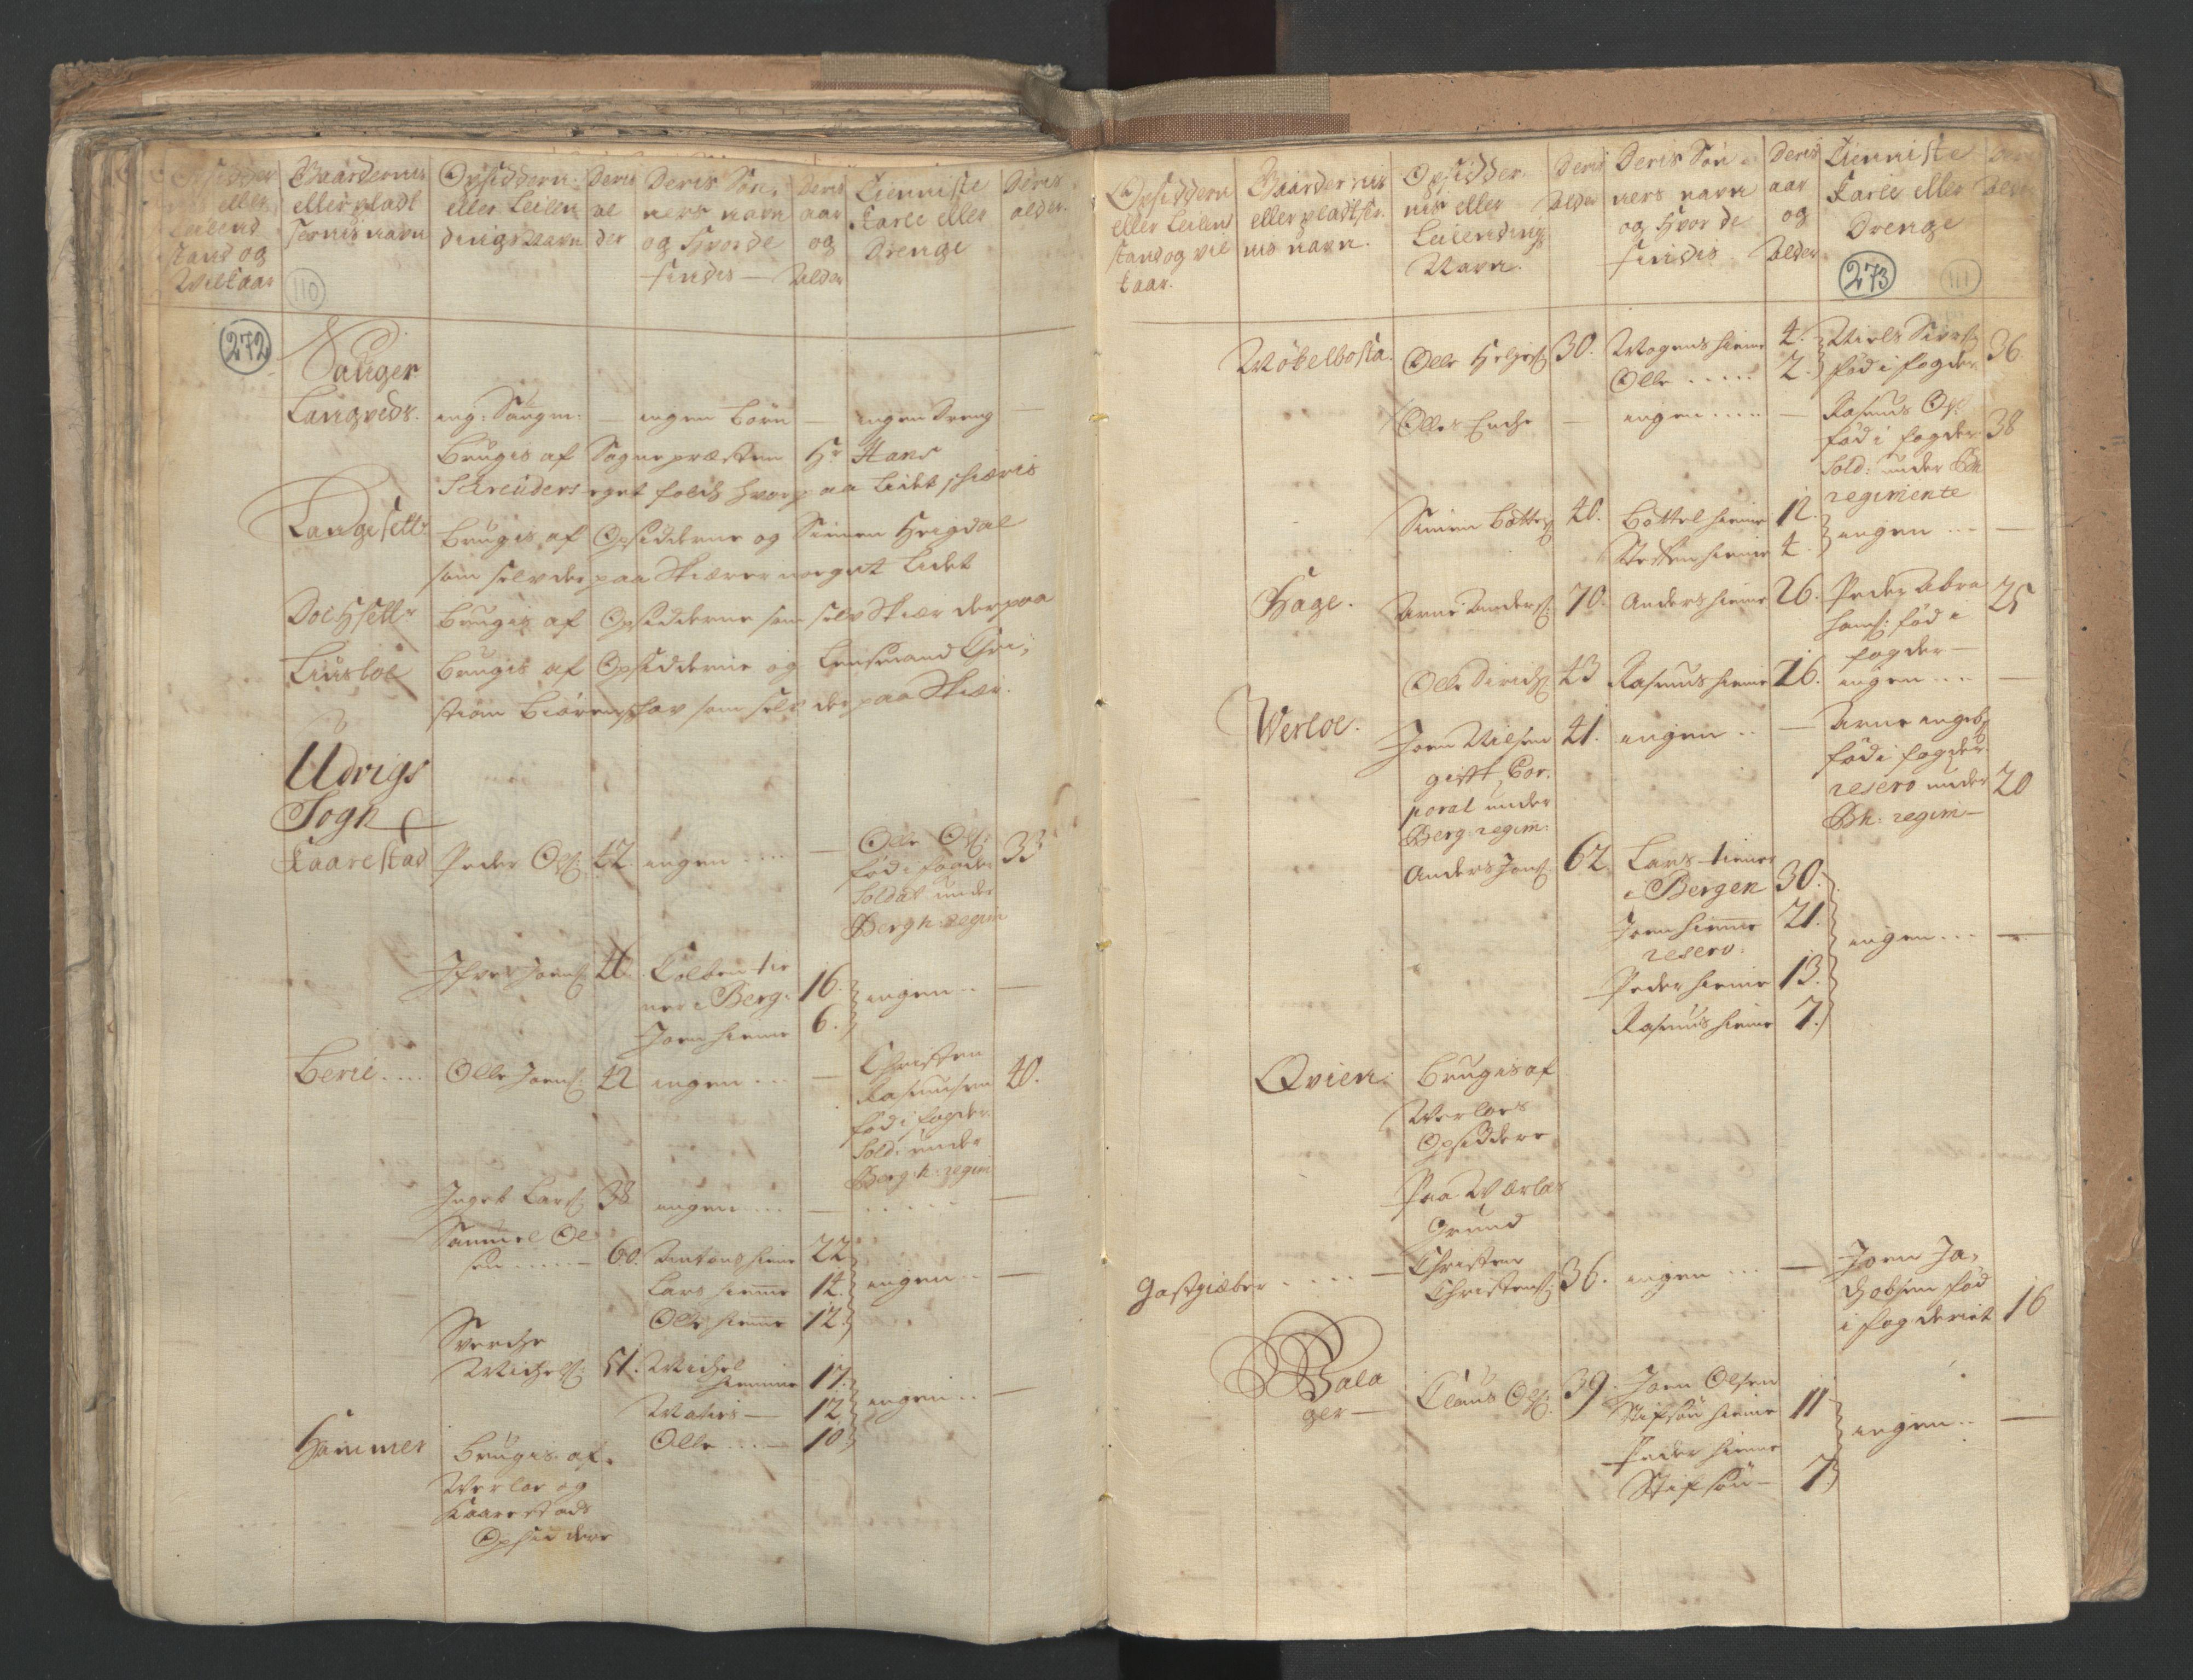 RA, Manntallet 1701, nr. 9: Sunnfjord fogderi, Nordfjord fogderi og Svanø birk, 1701, s. 272-273